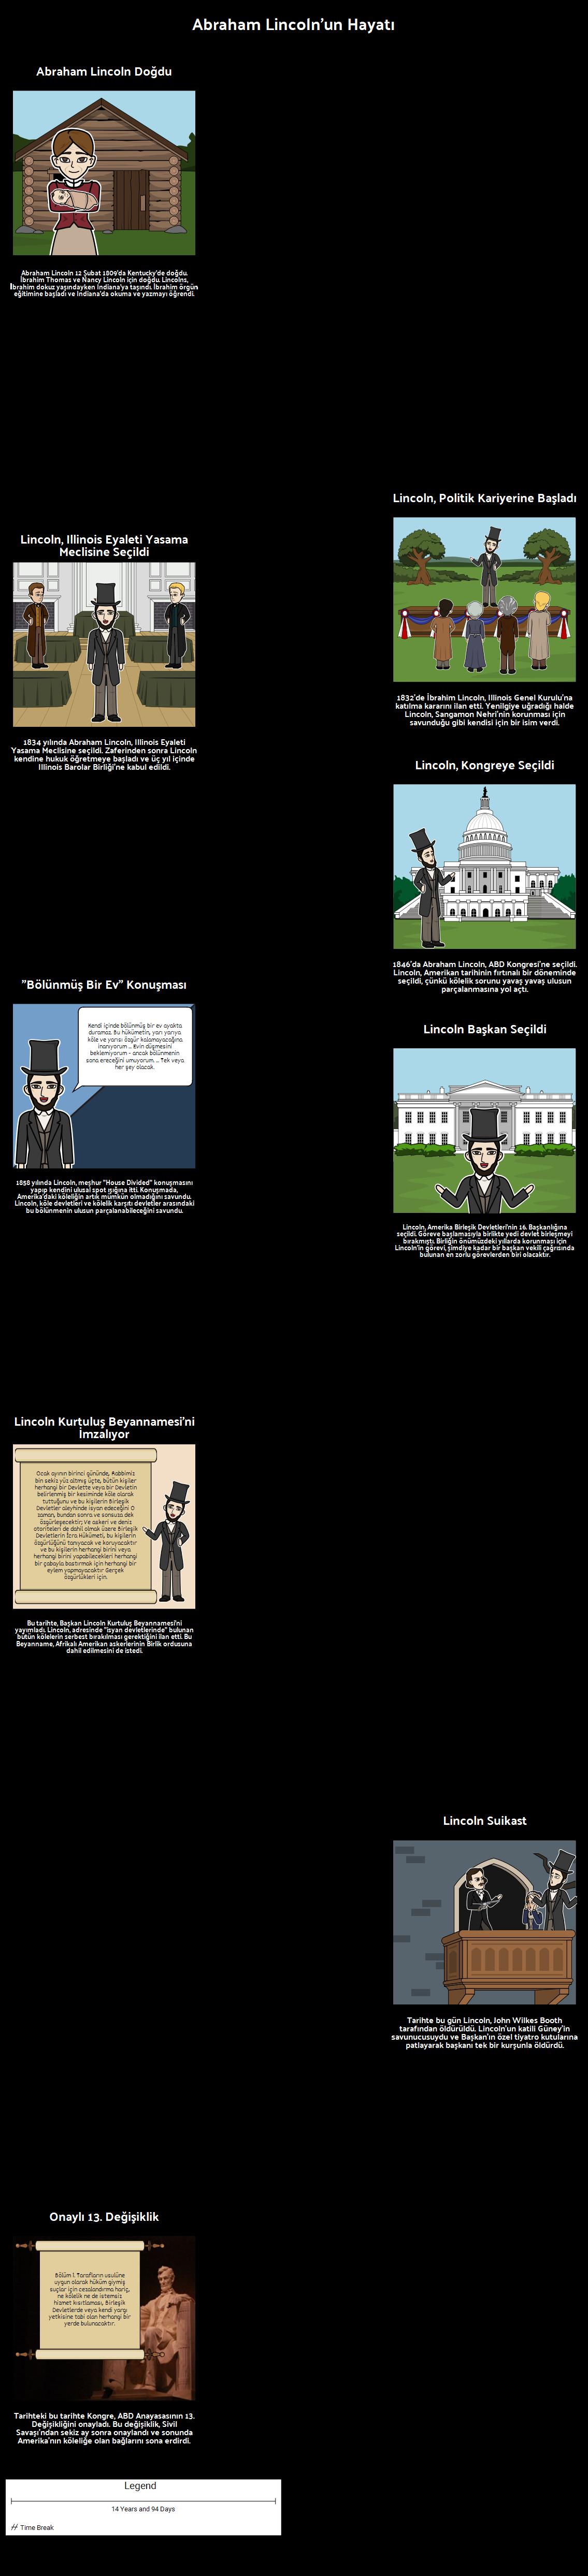 Bir Başkan'ın Biyografisi